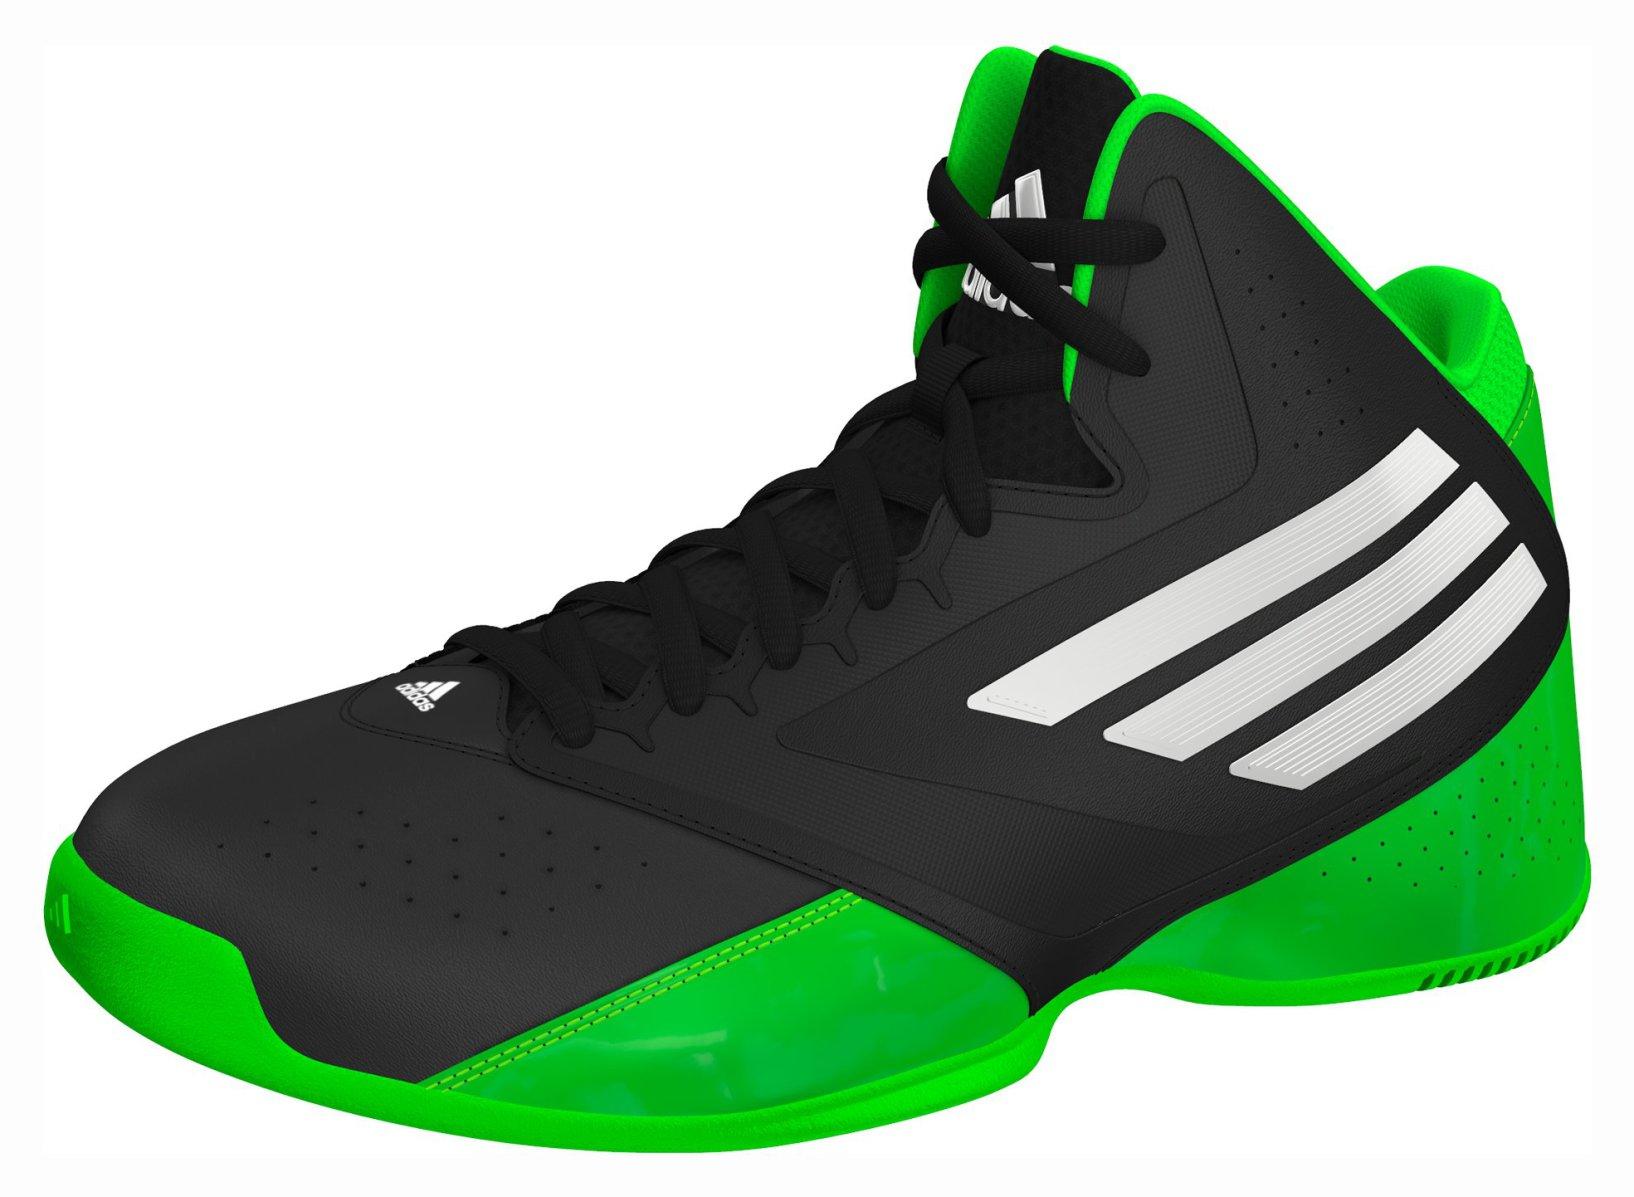 cheap for discount 51f64 a11db magasin chaussure de basket nantes,chaussure de basket air jordan femme,chaussure  basket tendance femme